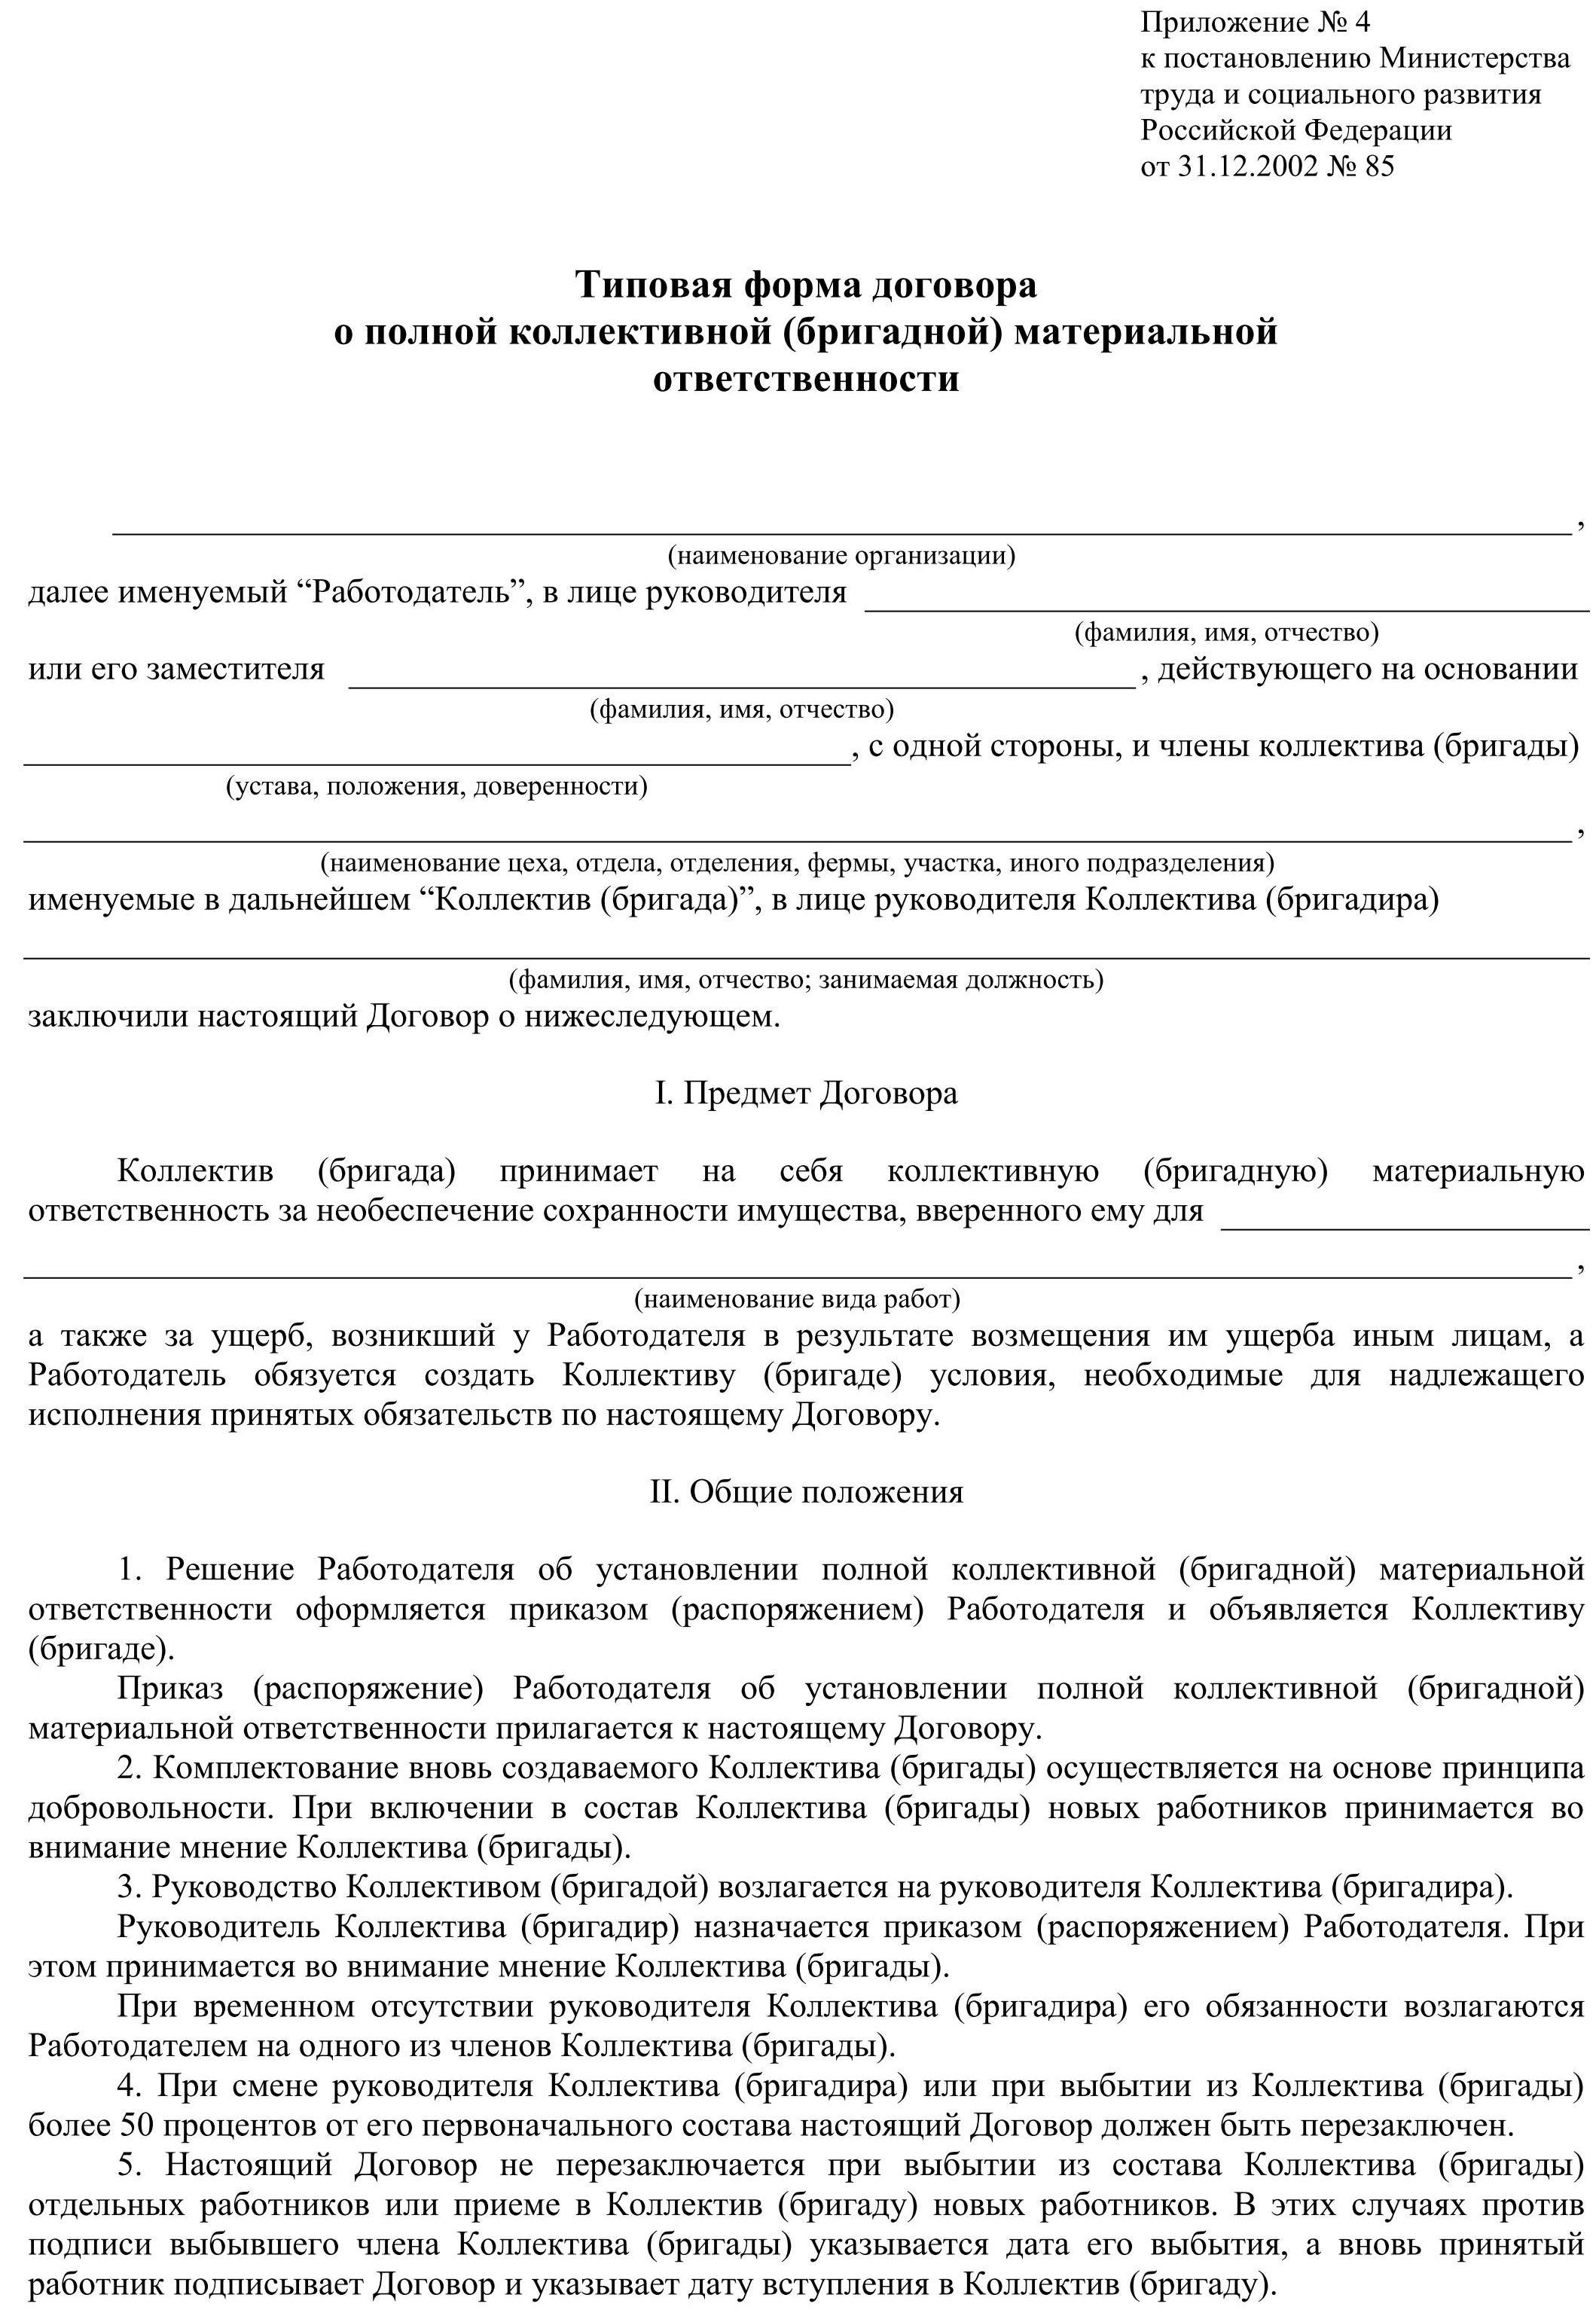 Изображение - Коллективная материальная ответственность работников образец tipovaya-forma-kollektiv-01